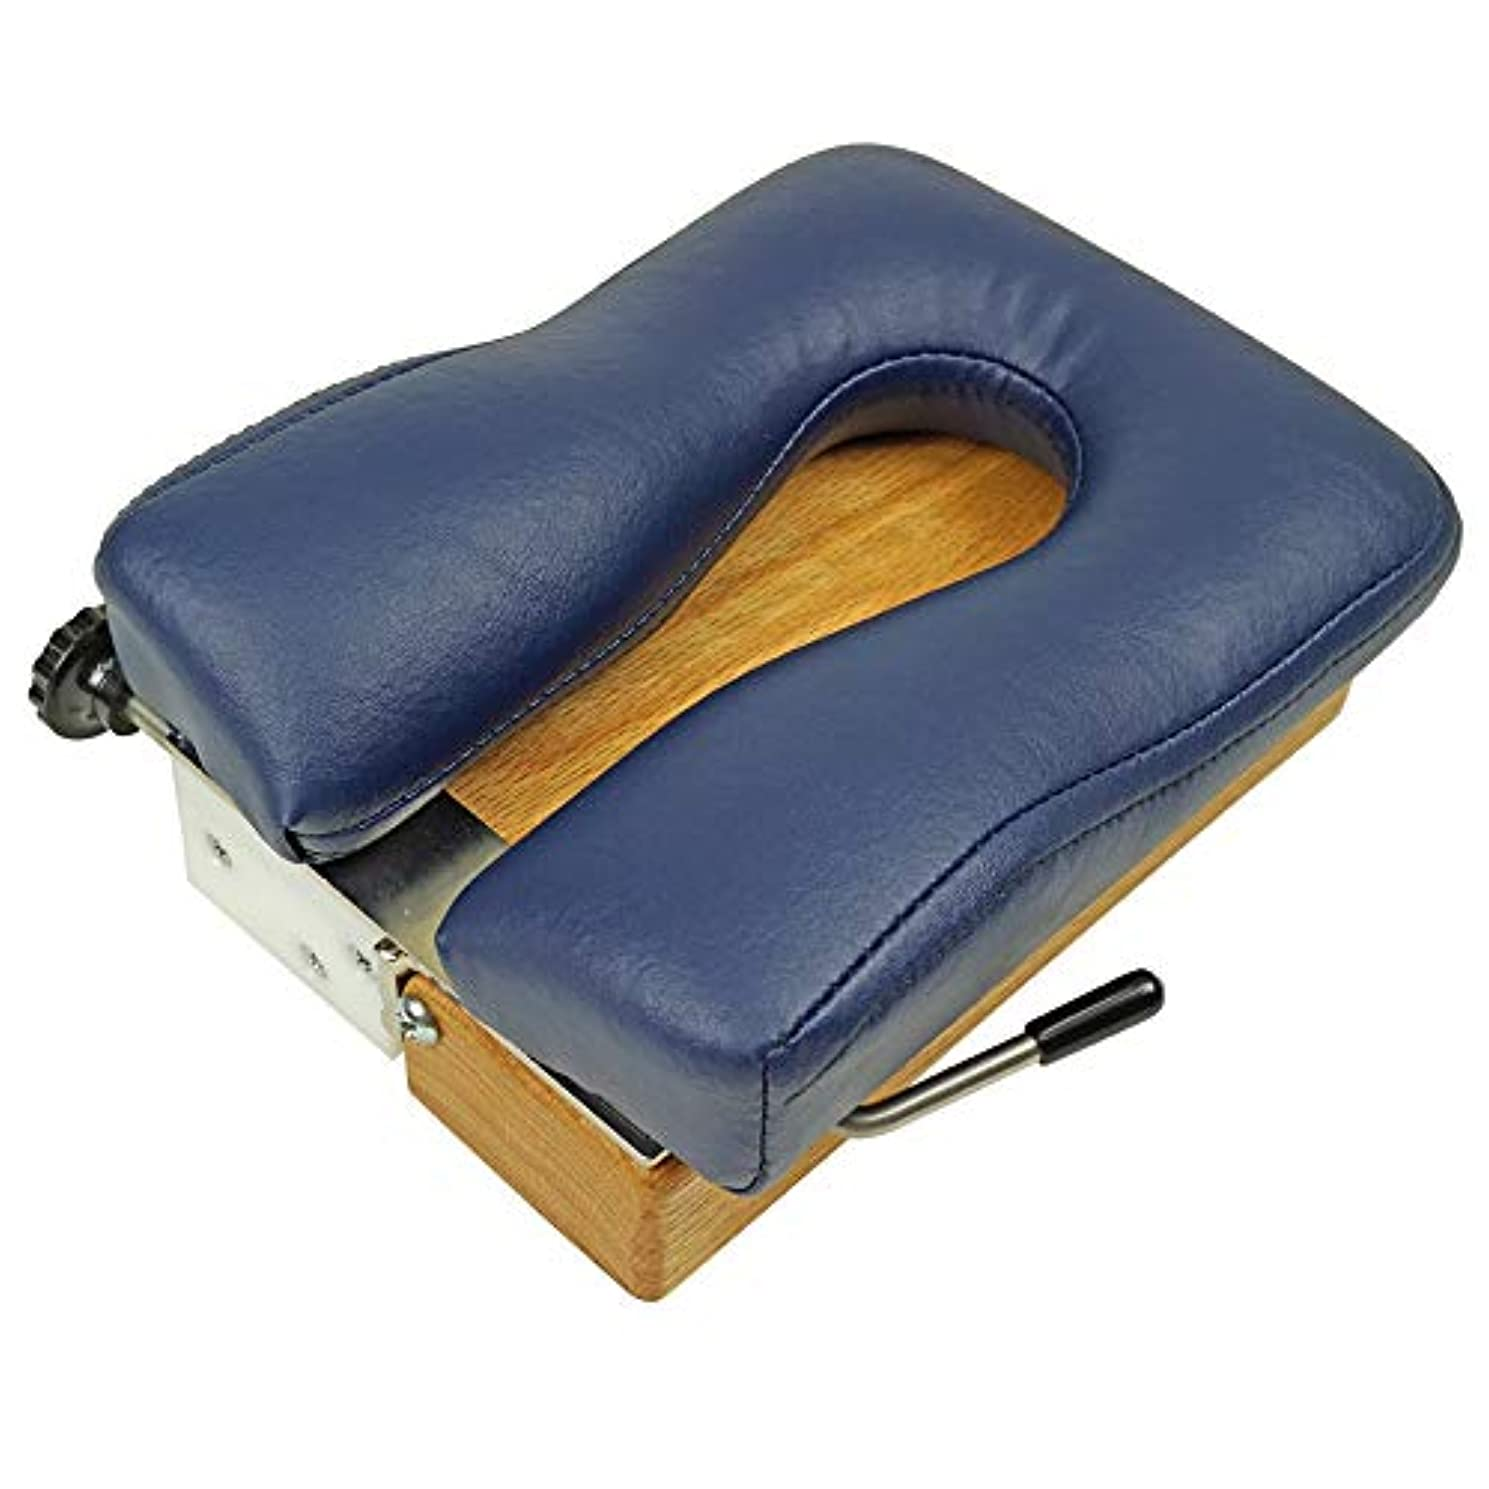 倍率用心するこどもセンターLLOYD (ロイドテーブル) ターグルリコイル ドロップ ポータブルドロップ 【 ヘッドピース 上部頚椎用 】